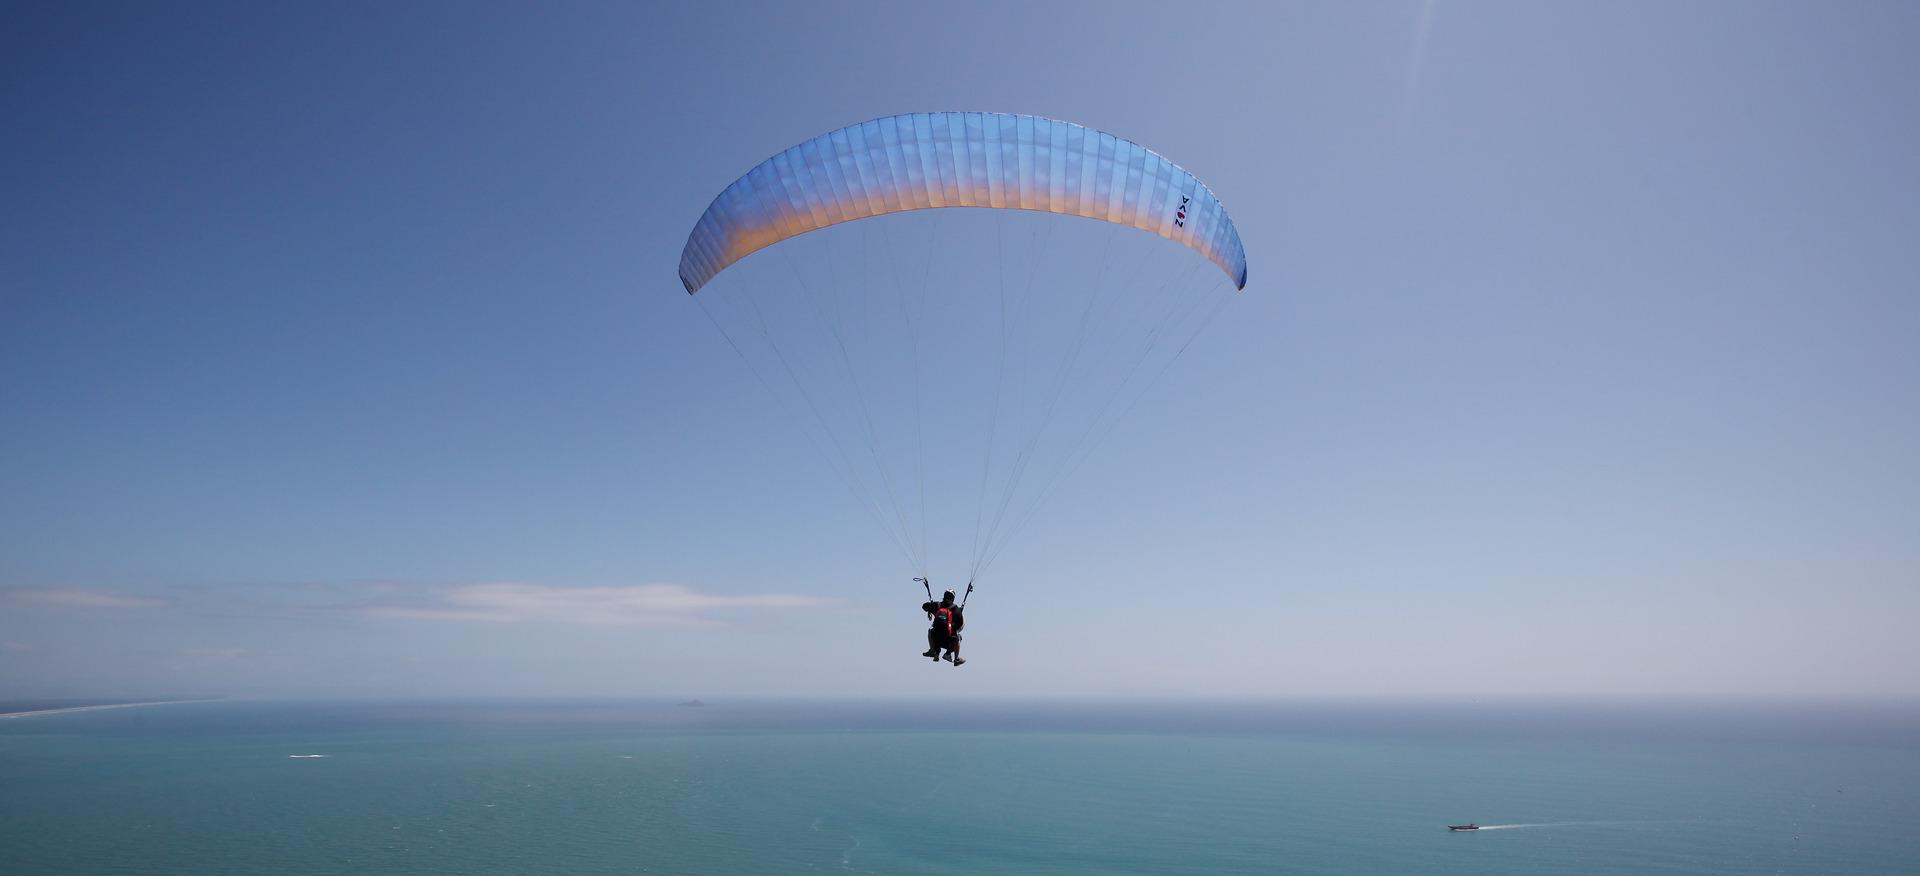 Paraglider seriously injured following crash in Wanaka